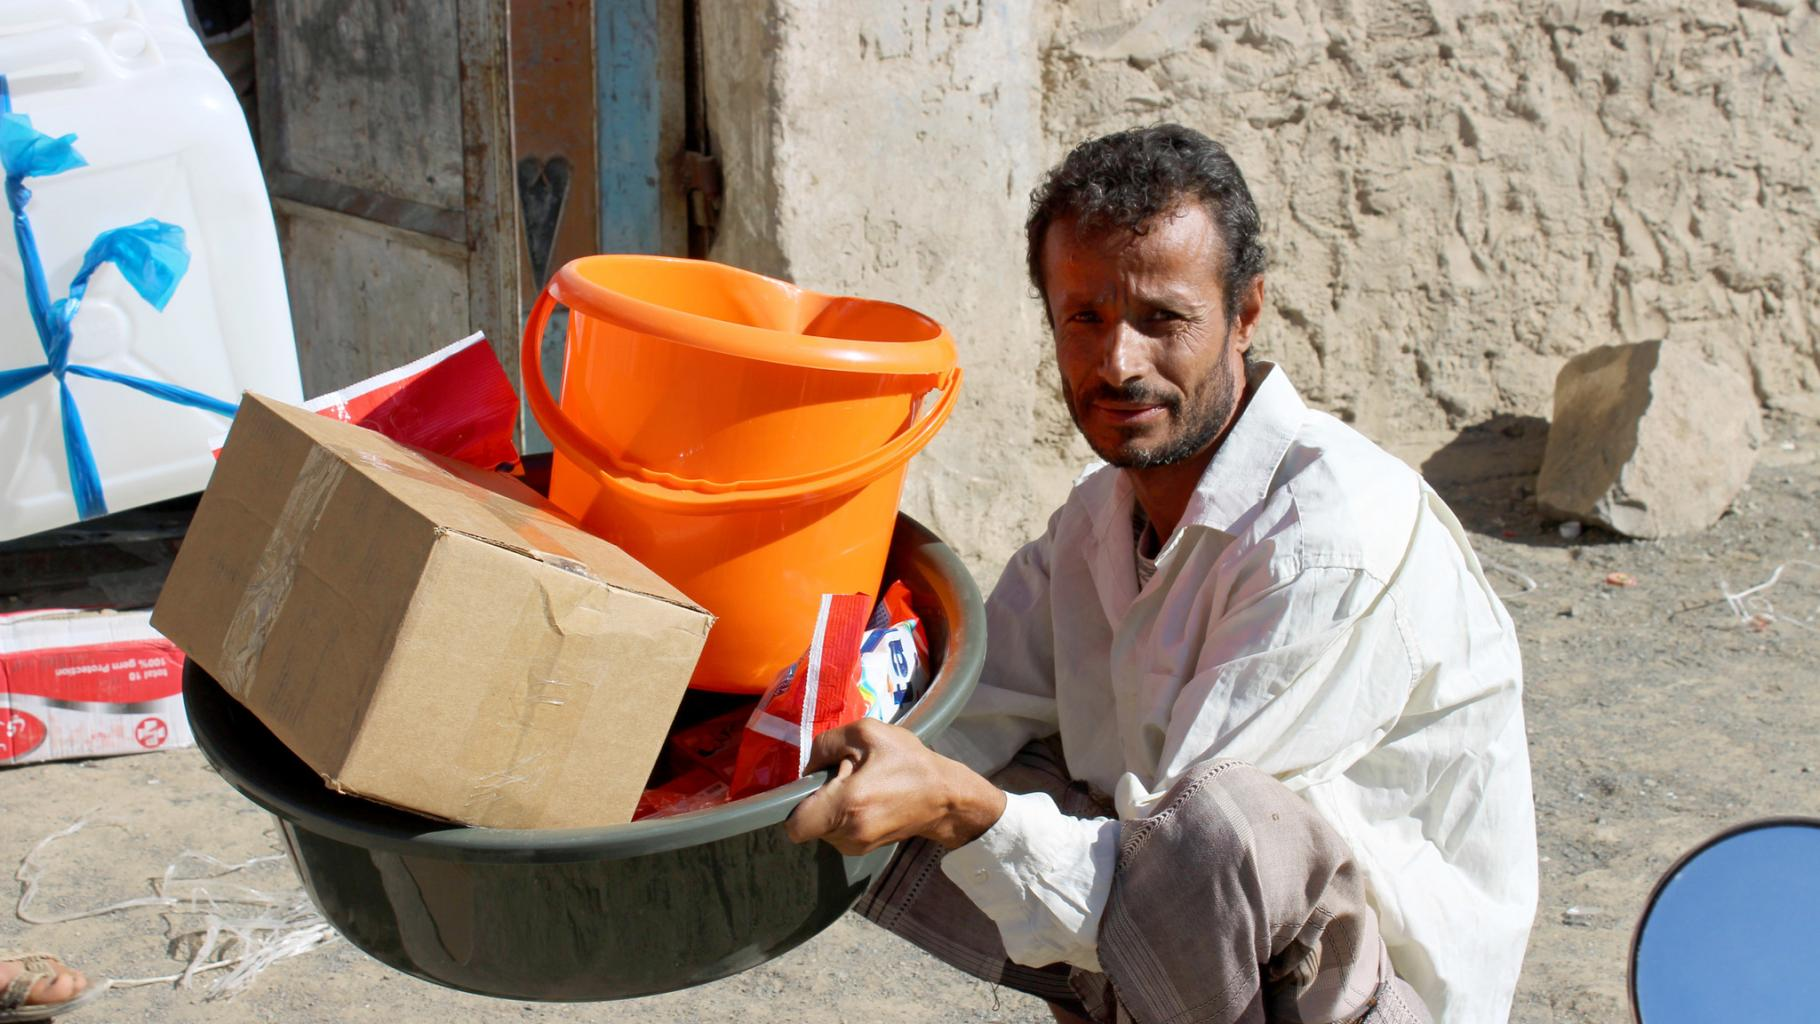 Fekri mit einem Hygiene-Set, um sich besser vor Infektionskrankheiten zu schützen